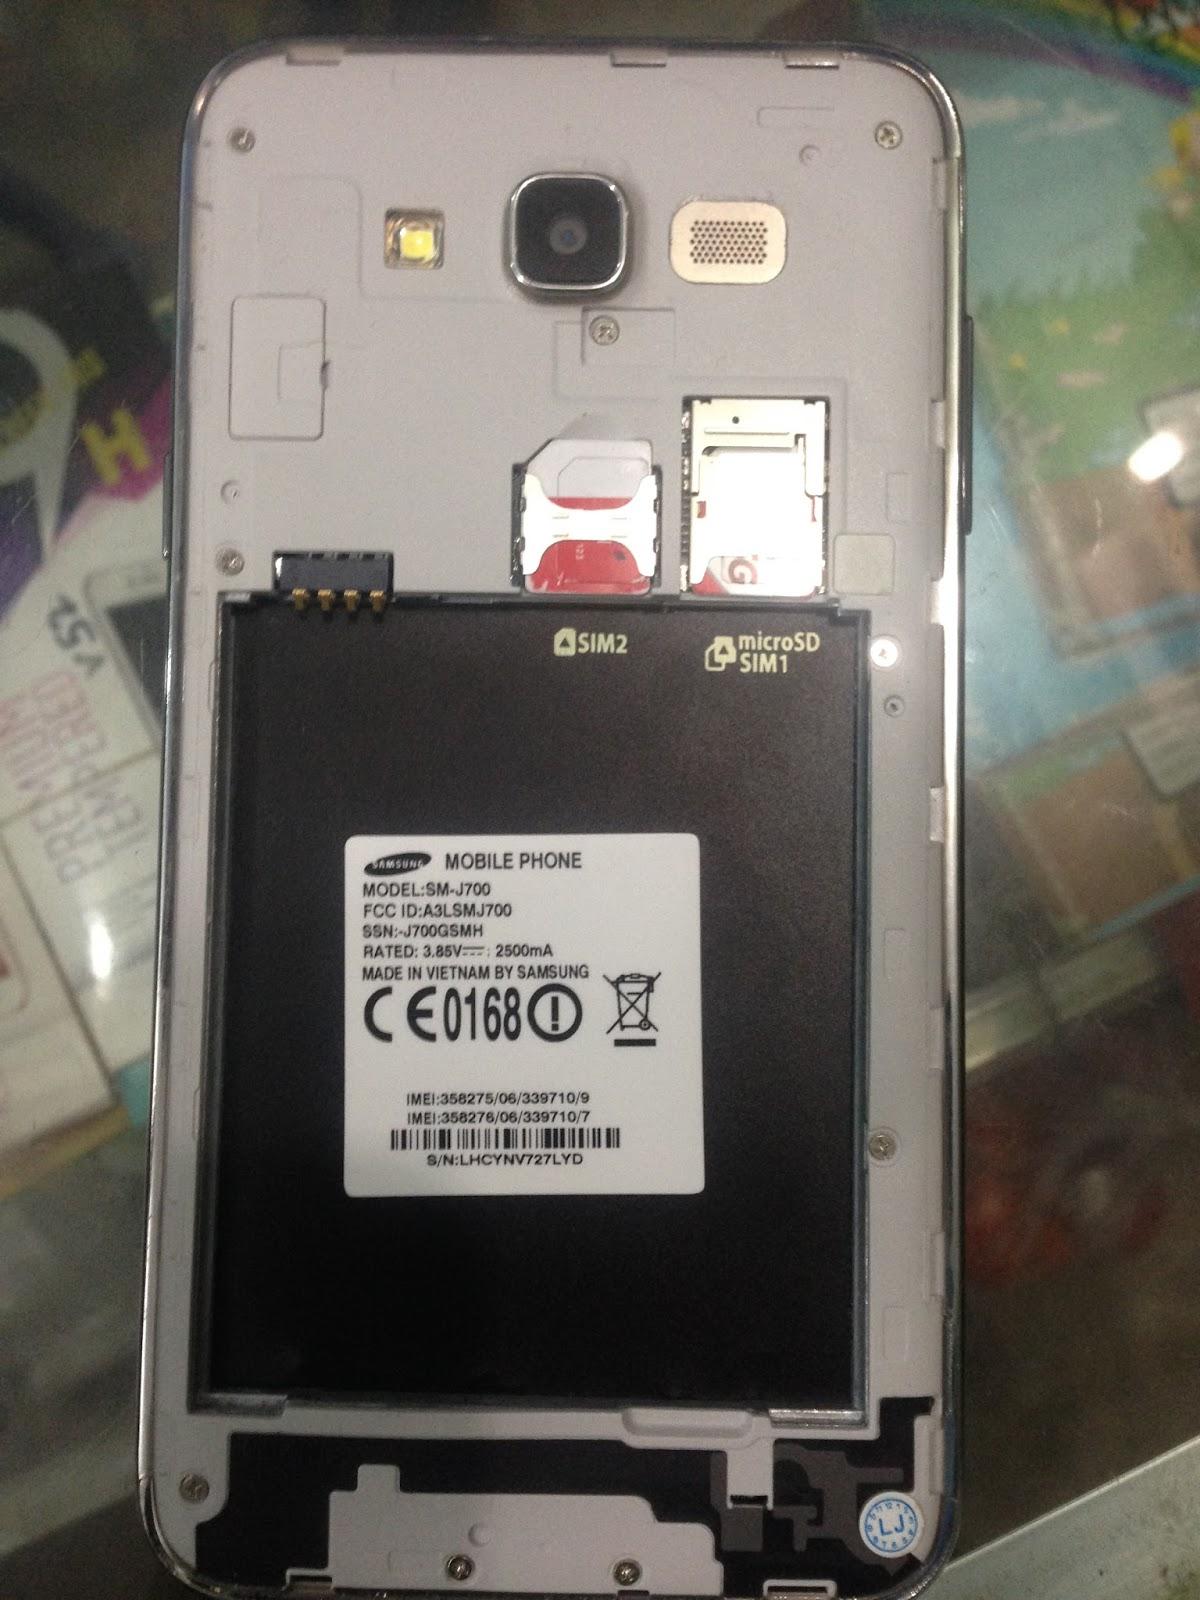 Samsung j700h firmware - Mt6589__samsung__sm J700h__j73g__6 0__alps Jb2 Mp V1 16 Preloader_mbk89_wet_jb2 128kb